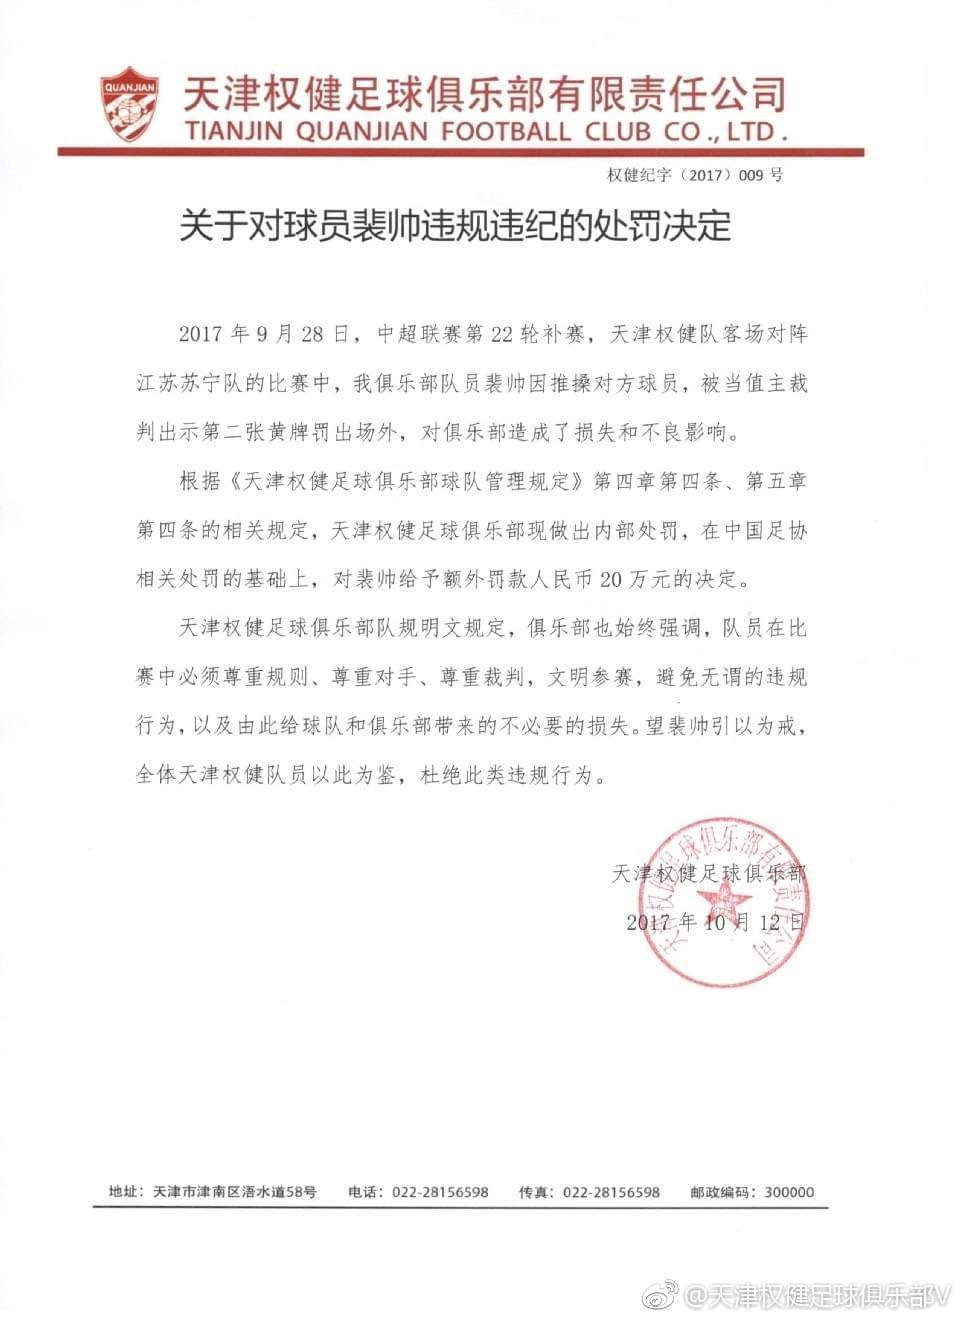 裴帅因推倒杨笑天遭4场停赛处罚 权健追加罚20万